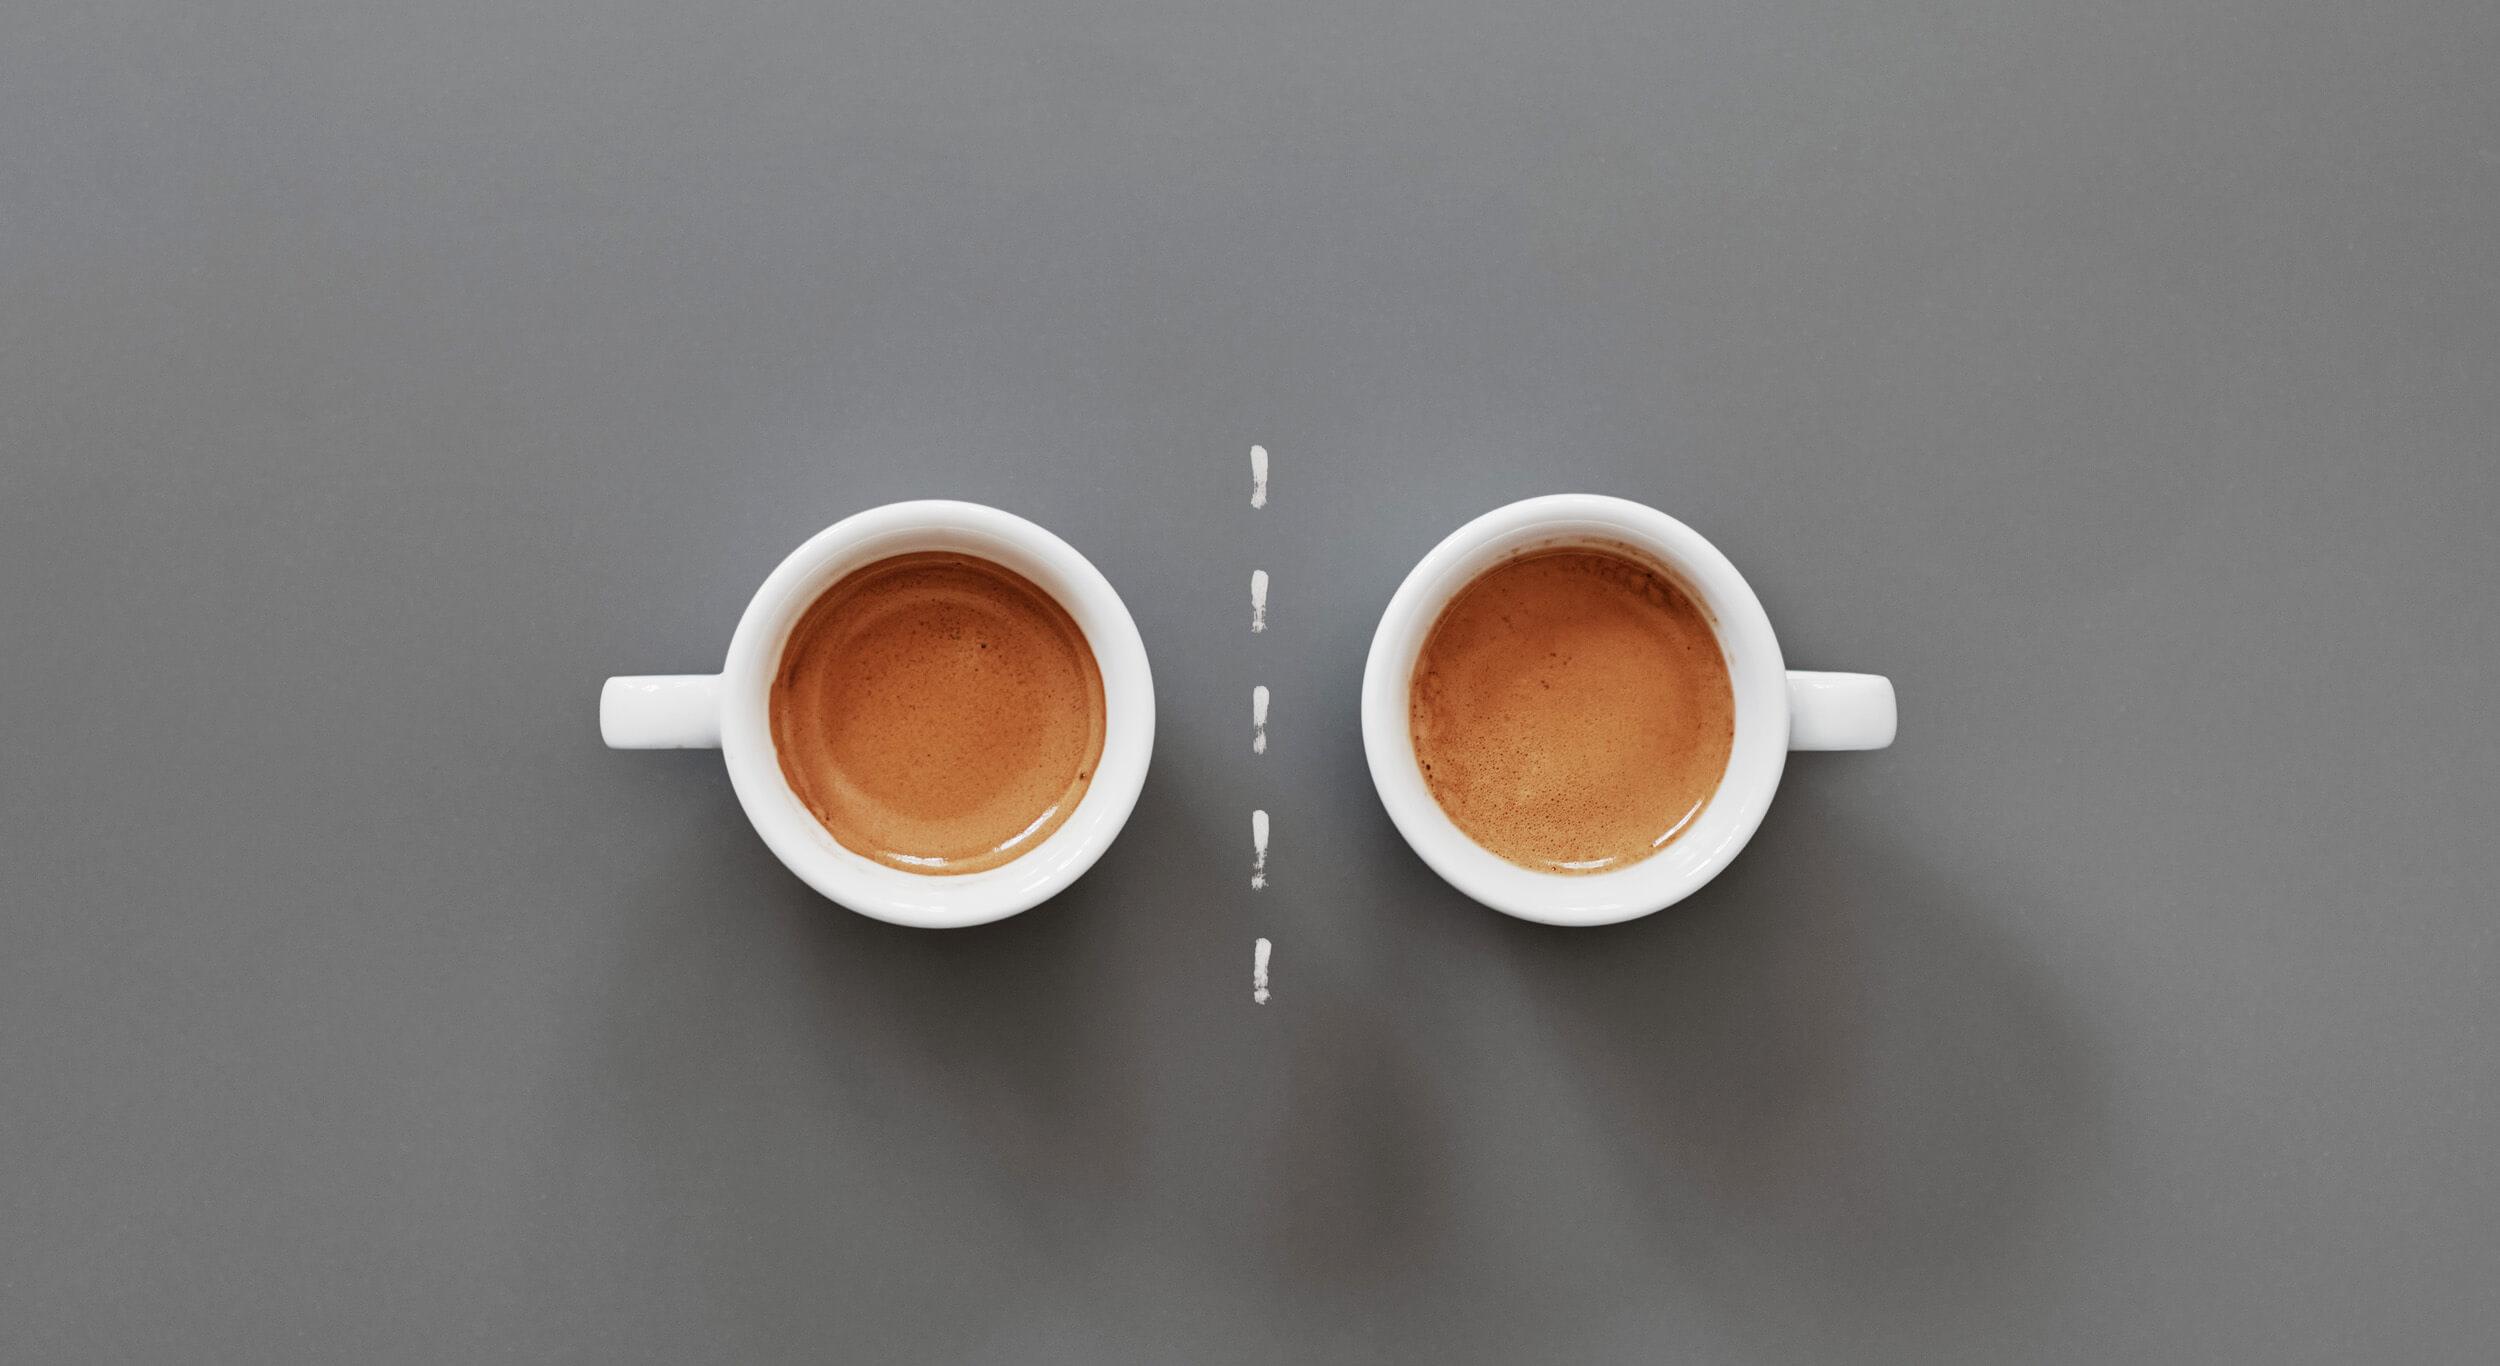 двойной помол кофе